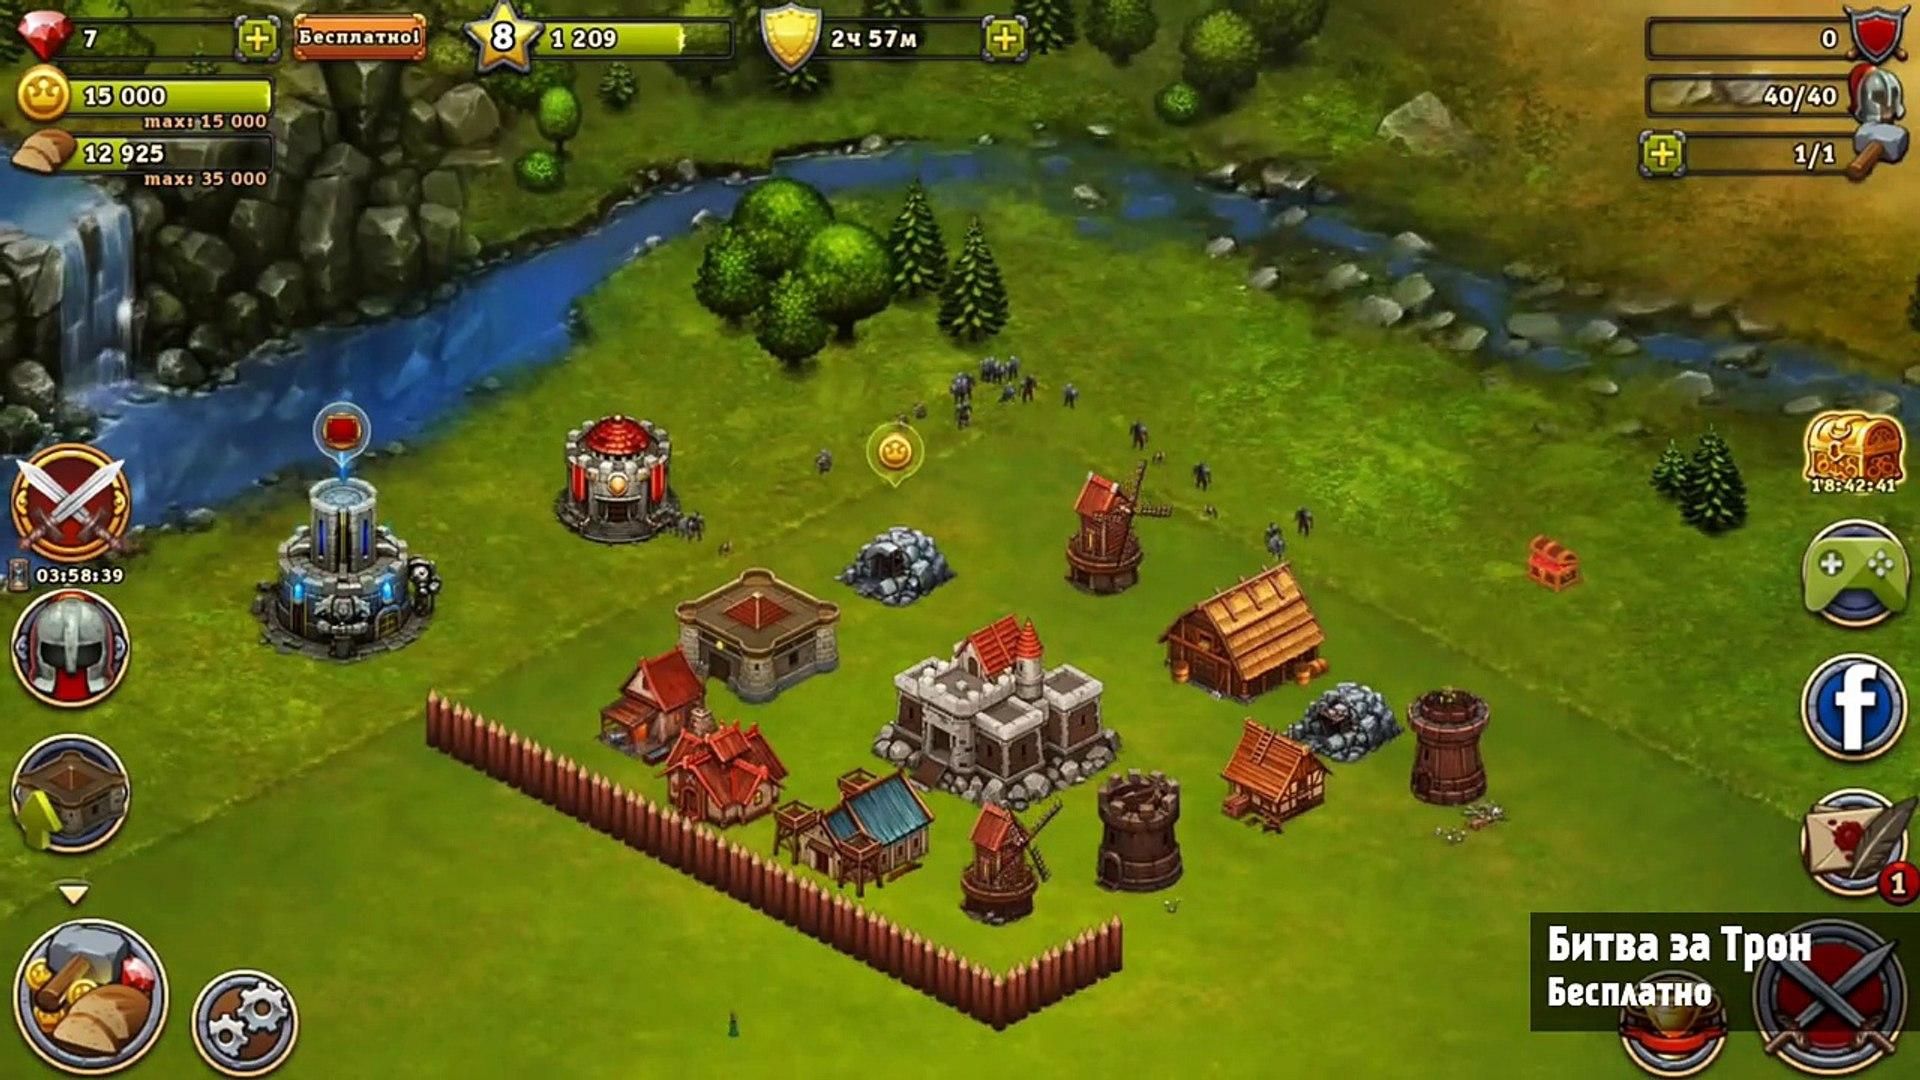 Битва за Трон - Стратегия в Стиле Clash of Clans - Обзор от Game Plan